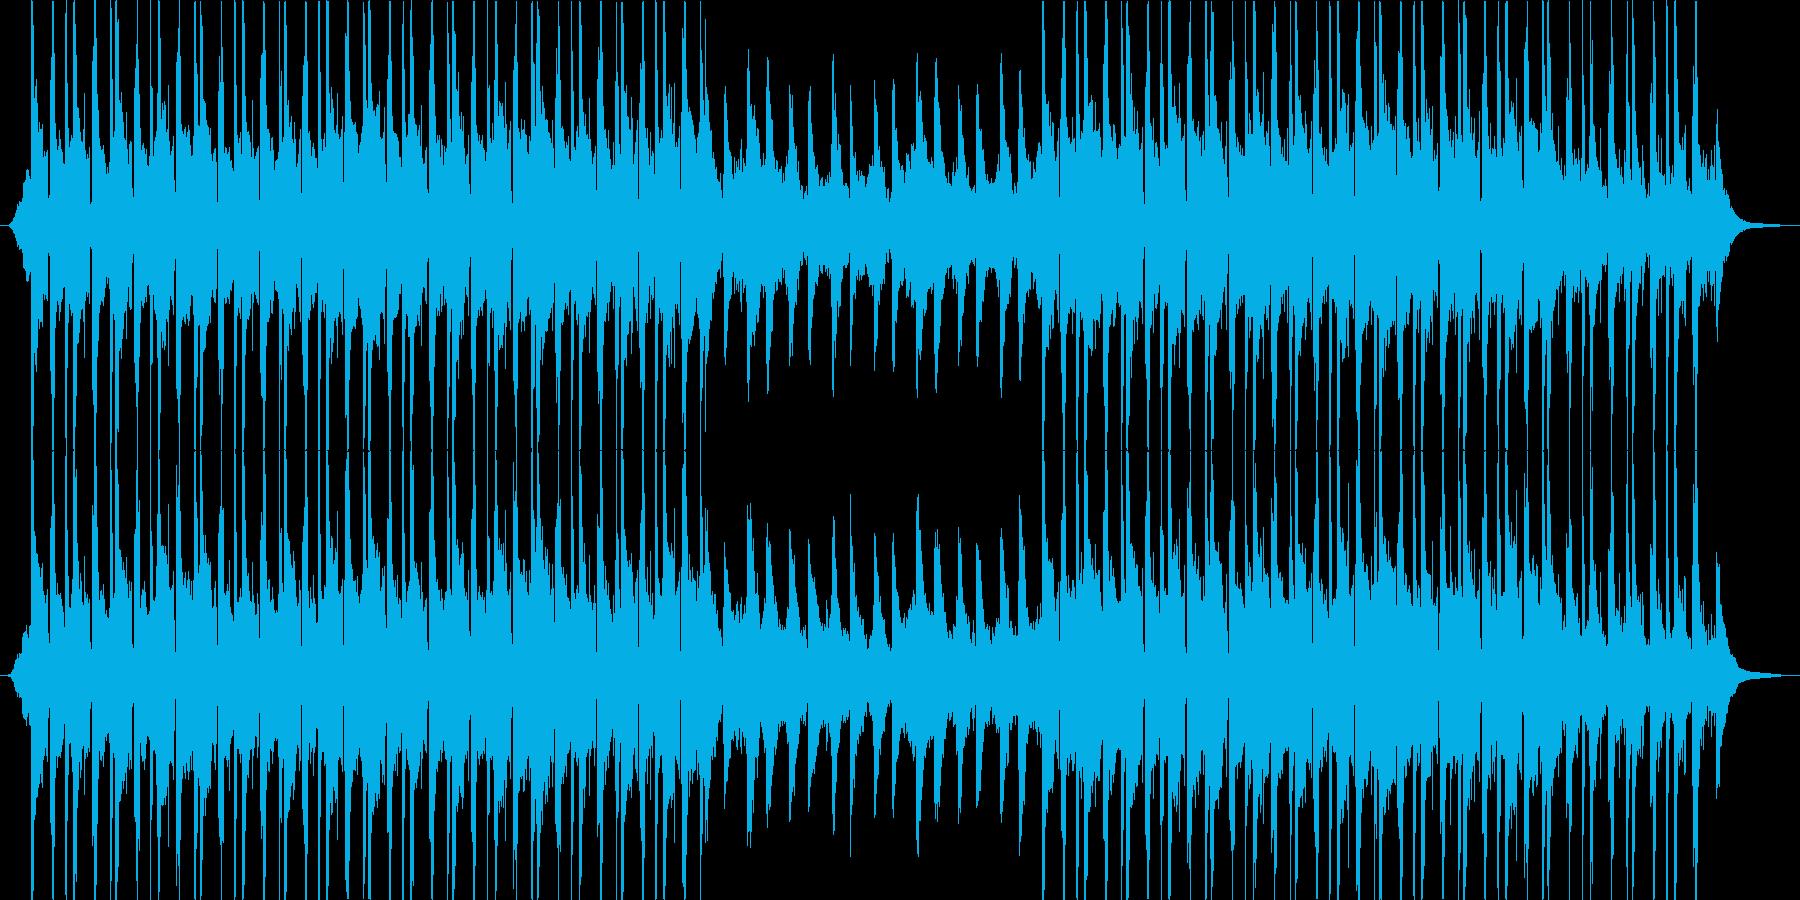 メロディアスなビートとドゥドゥクの再生済みの波形